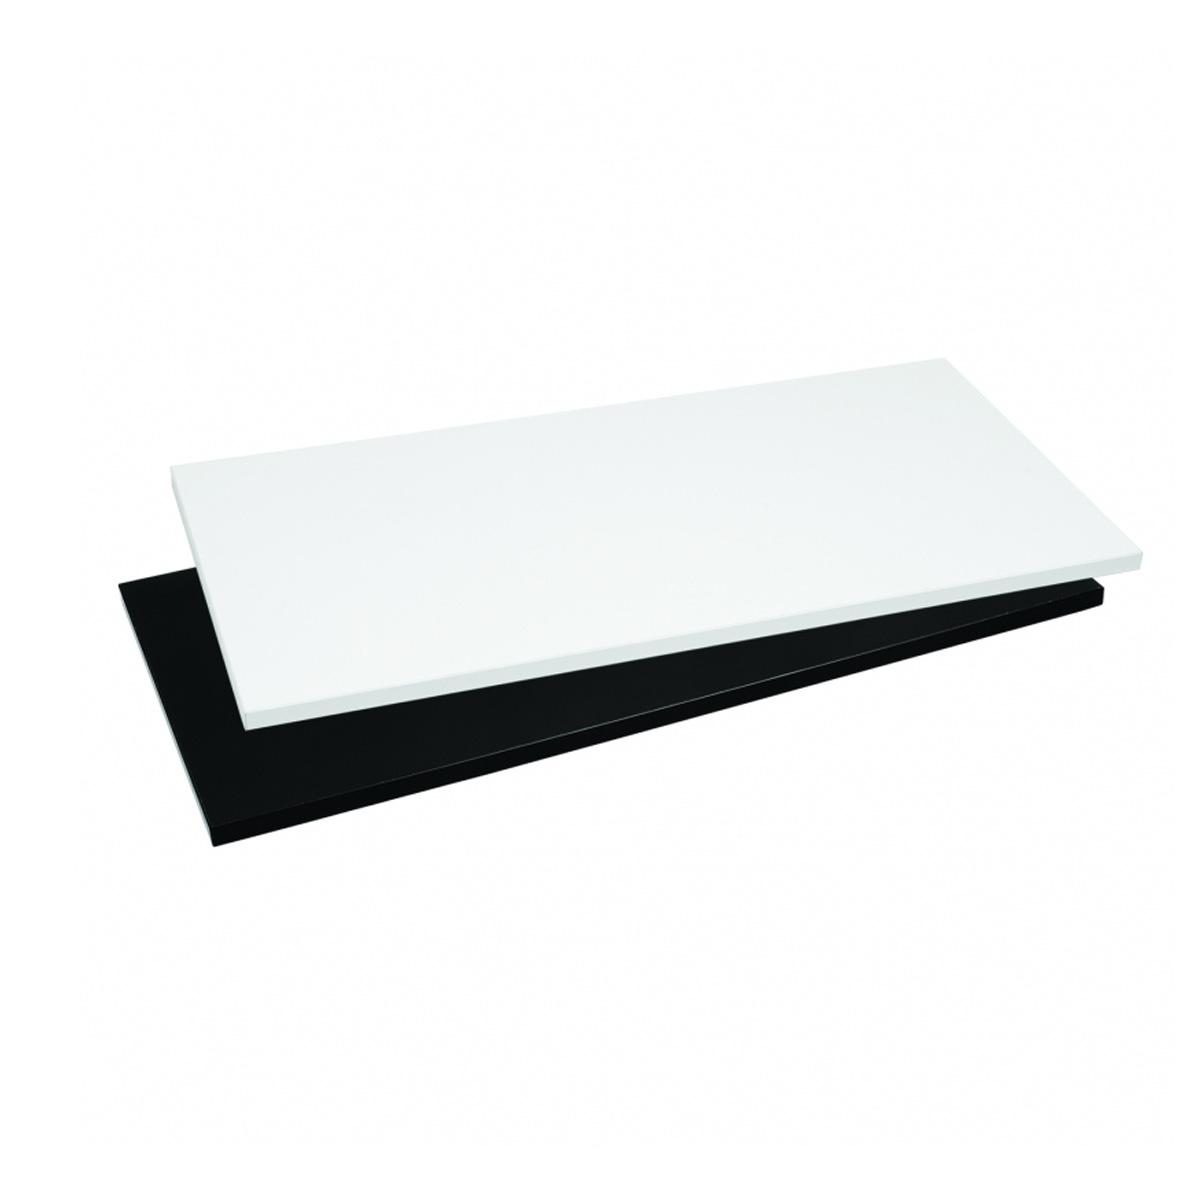 Holzfachboden weiß für Gondel breit Scala